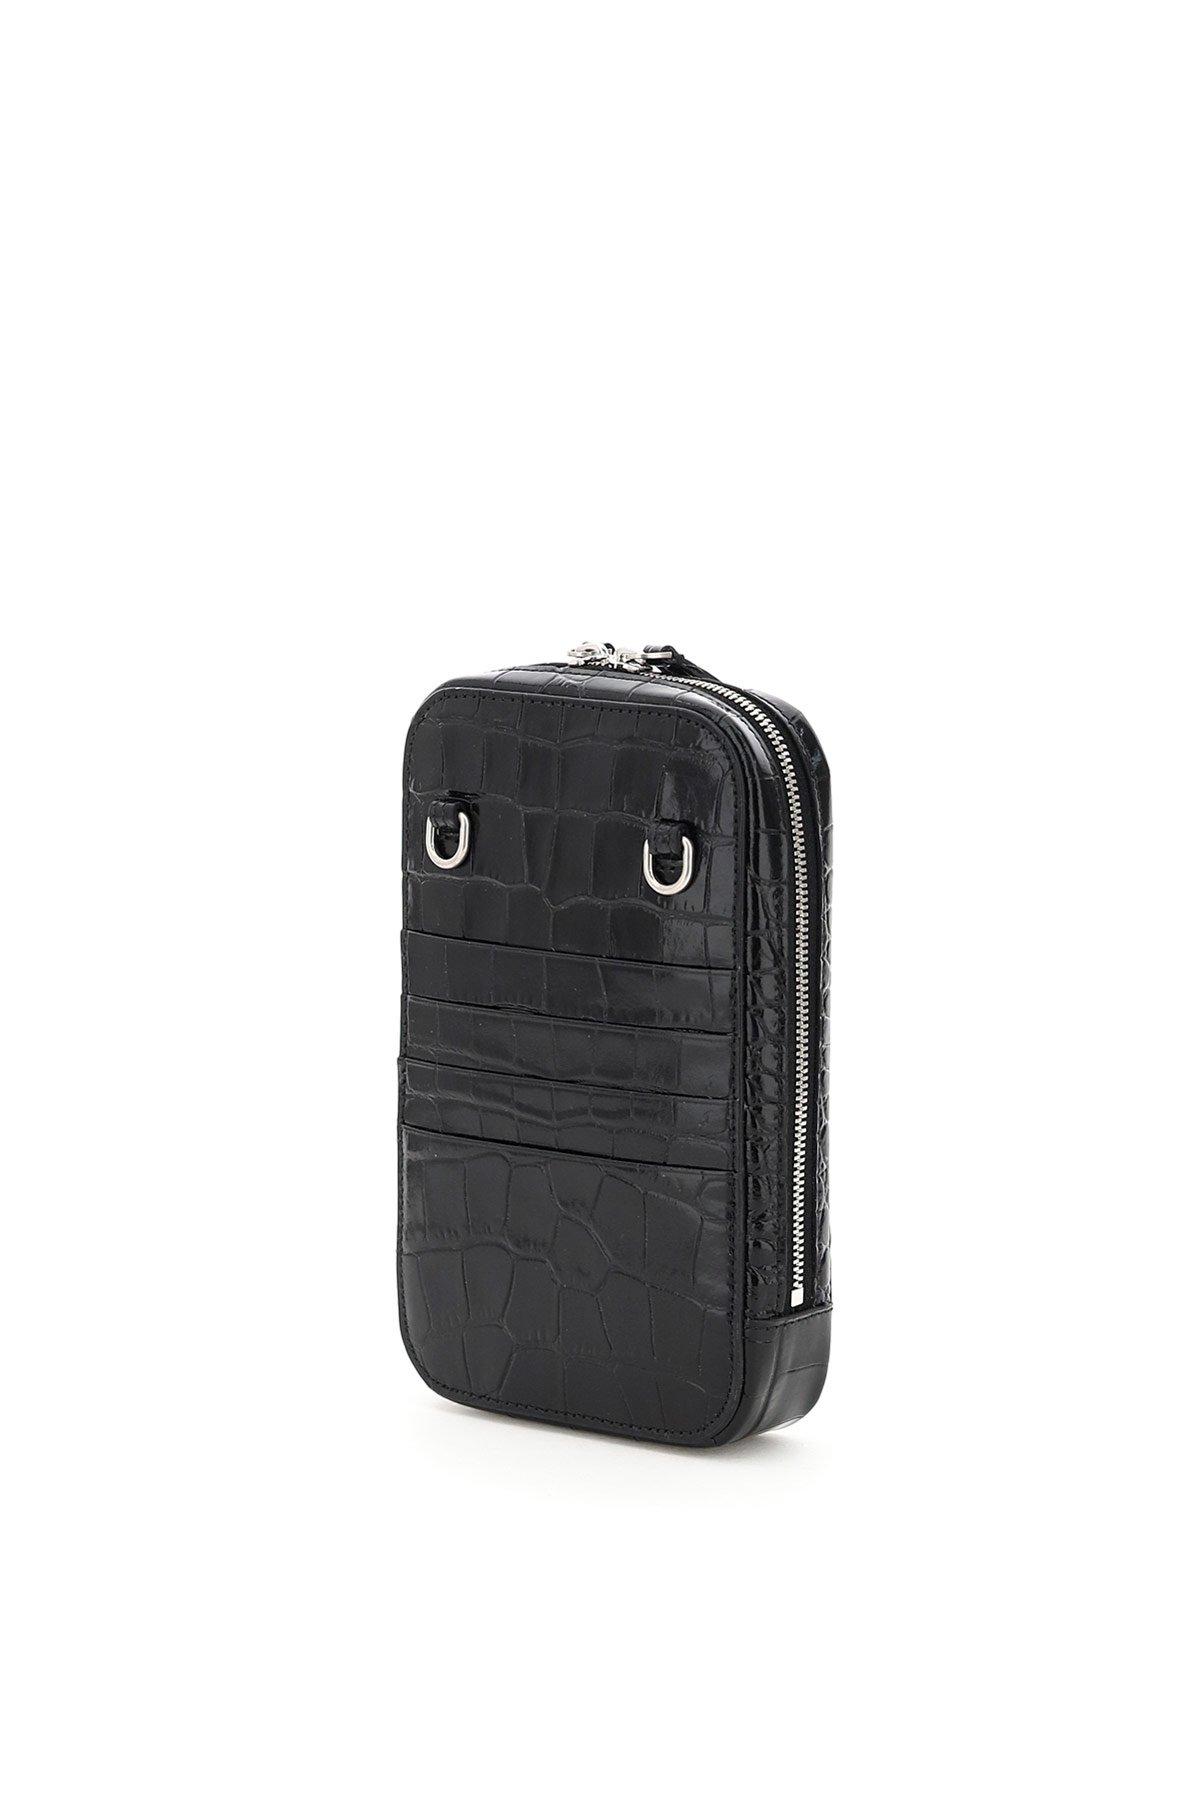 Balenciaga phone bag con tracolla cash logo